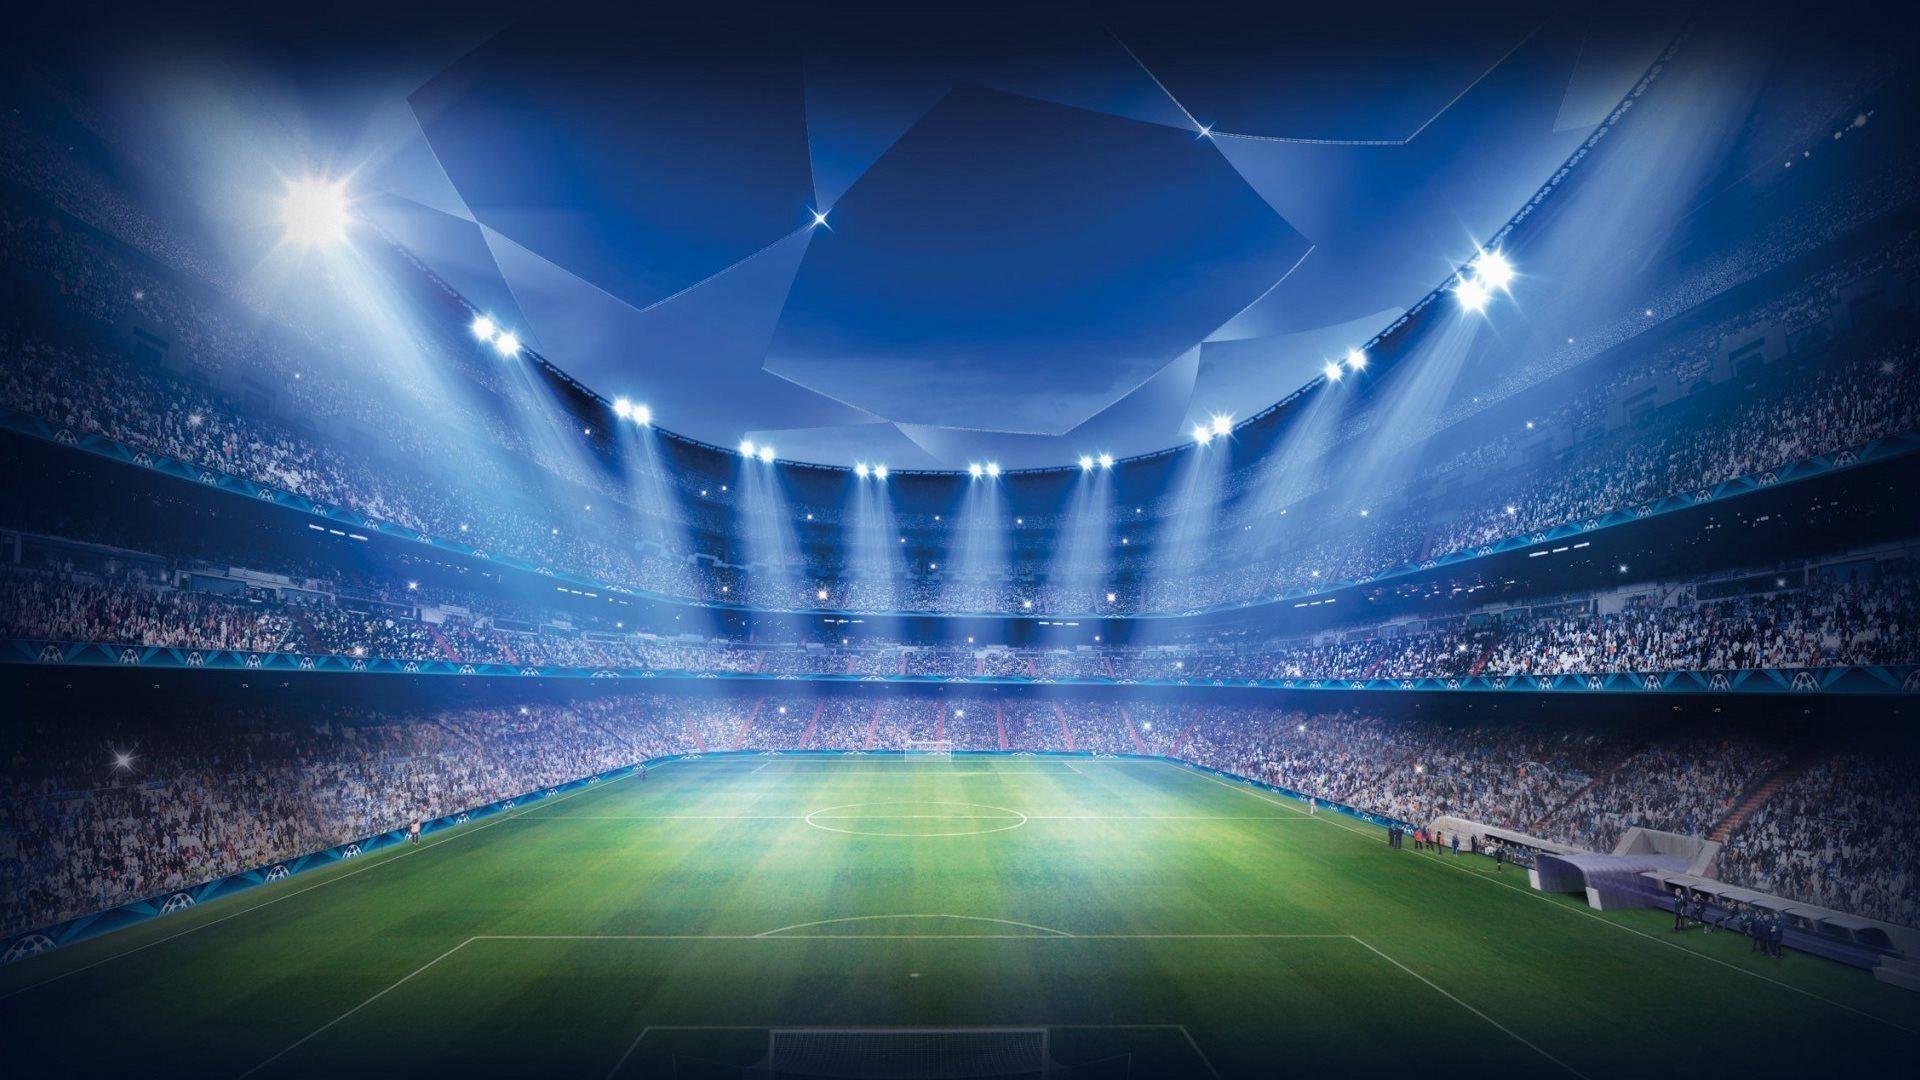 Fussball Wallpapers 1920x1080 Image Fussballstadion Sport